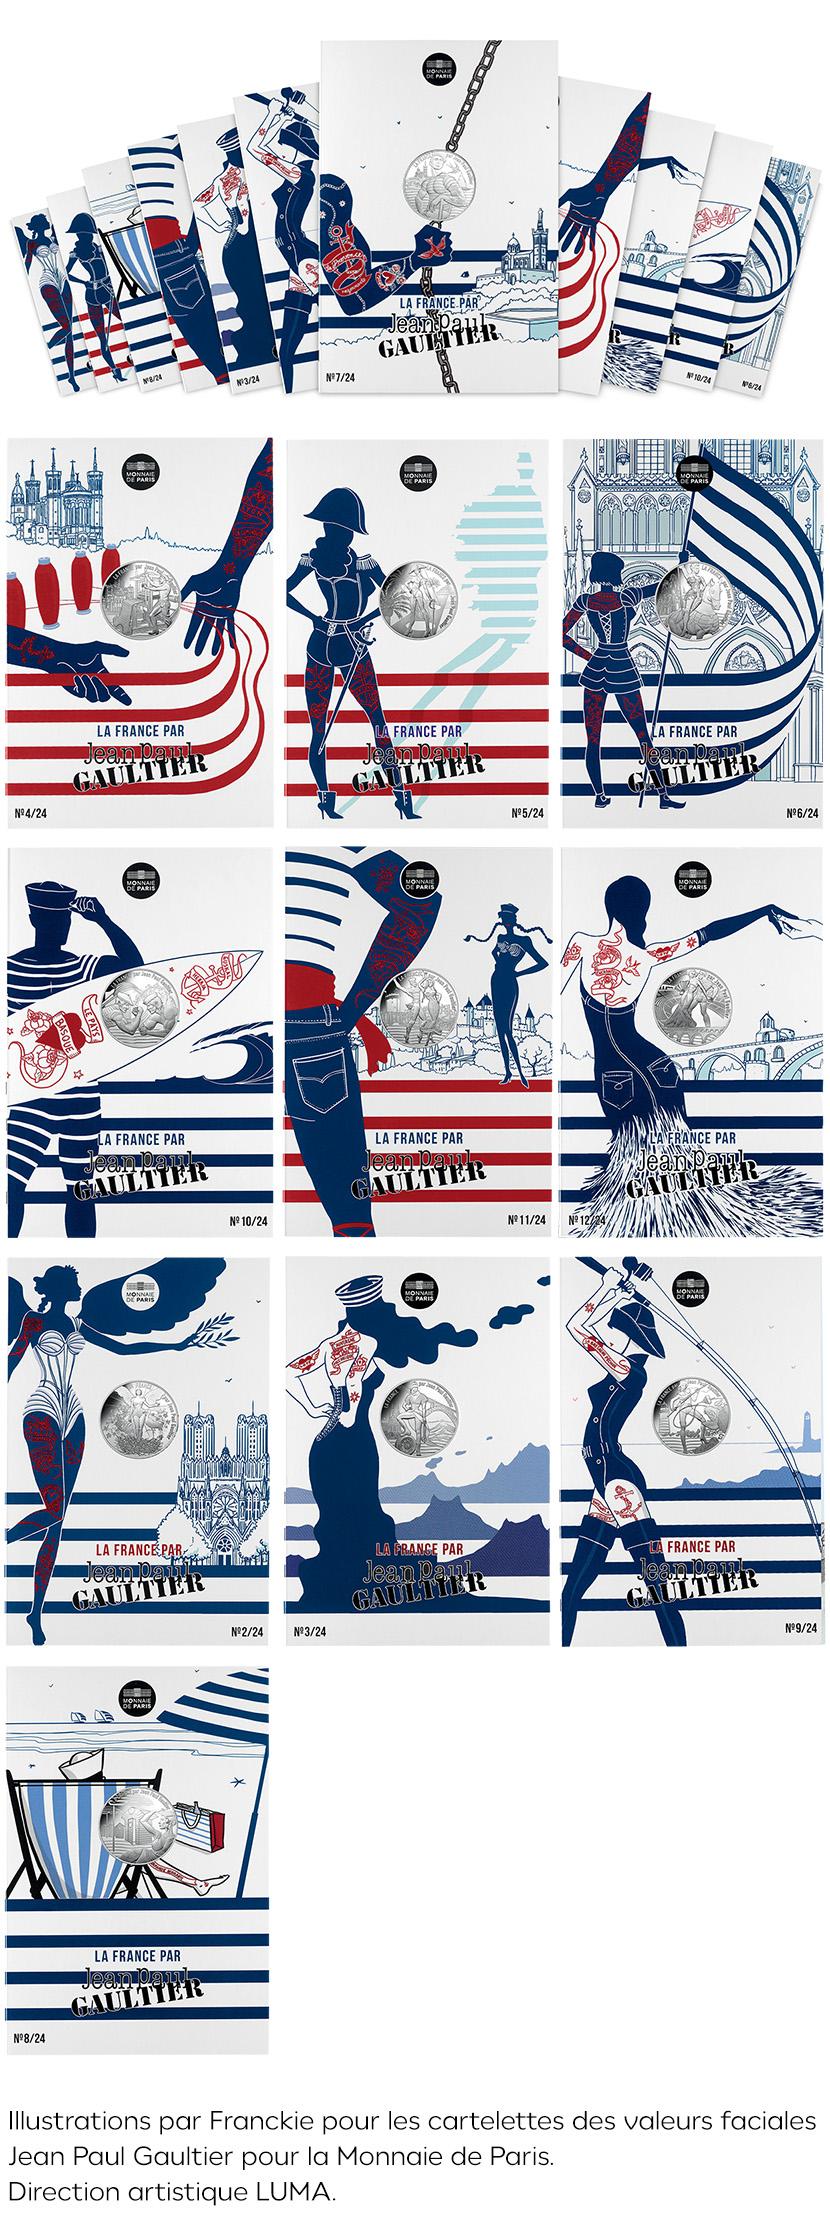 illustration-cartelettes-packaging-la-france-par-jean-paul-gaultier-monnaie-de-paris-franckie-alarcon-2